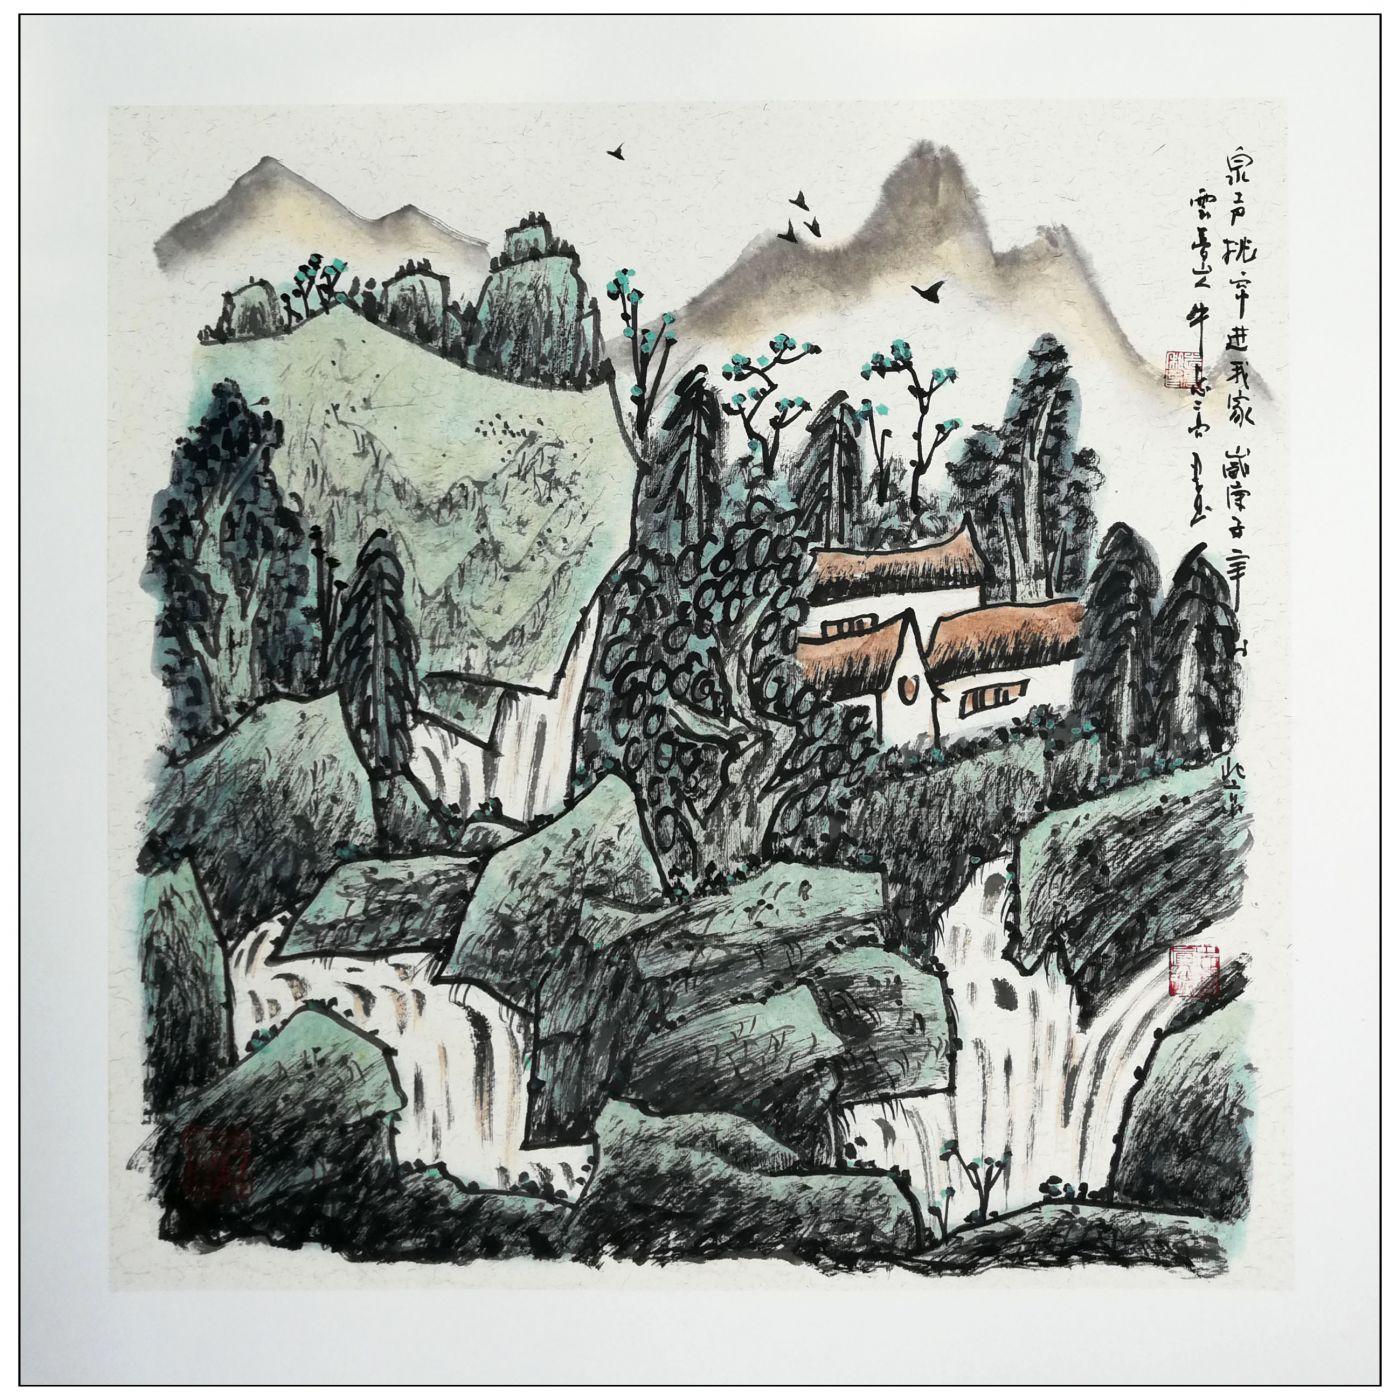 牛志高2020山水画新作-----2020.07.07_图1-8